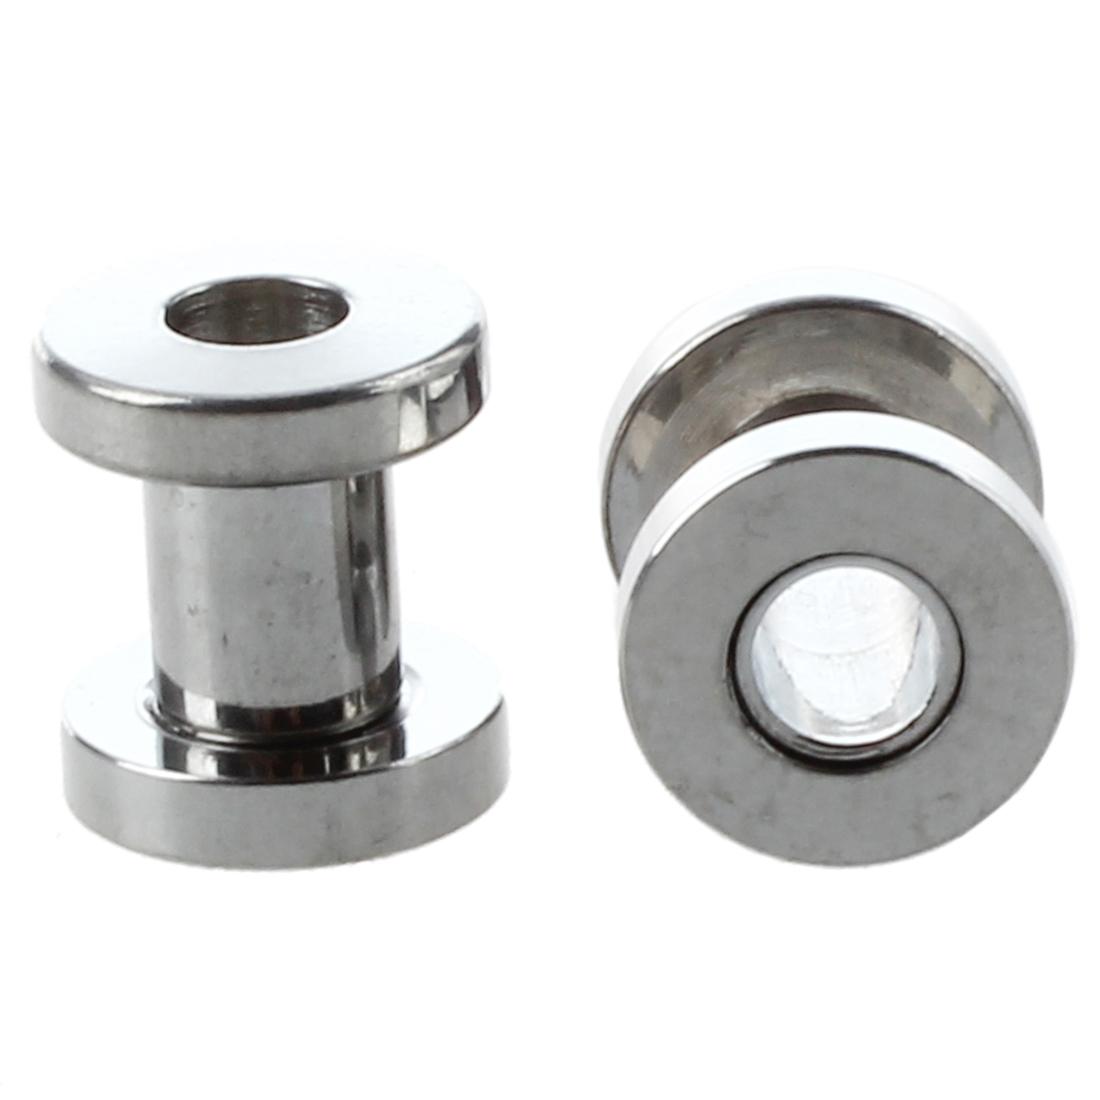 Pair screw fit stainless steel ear plugs rings flesh